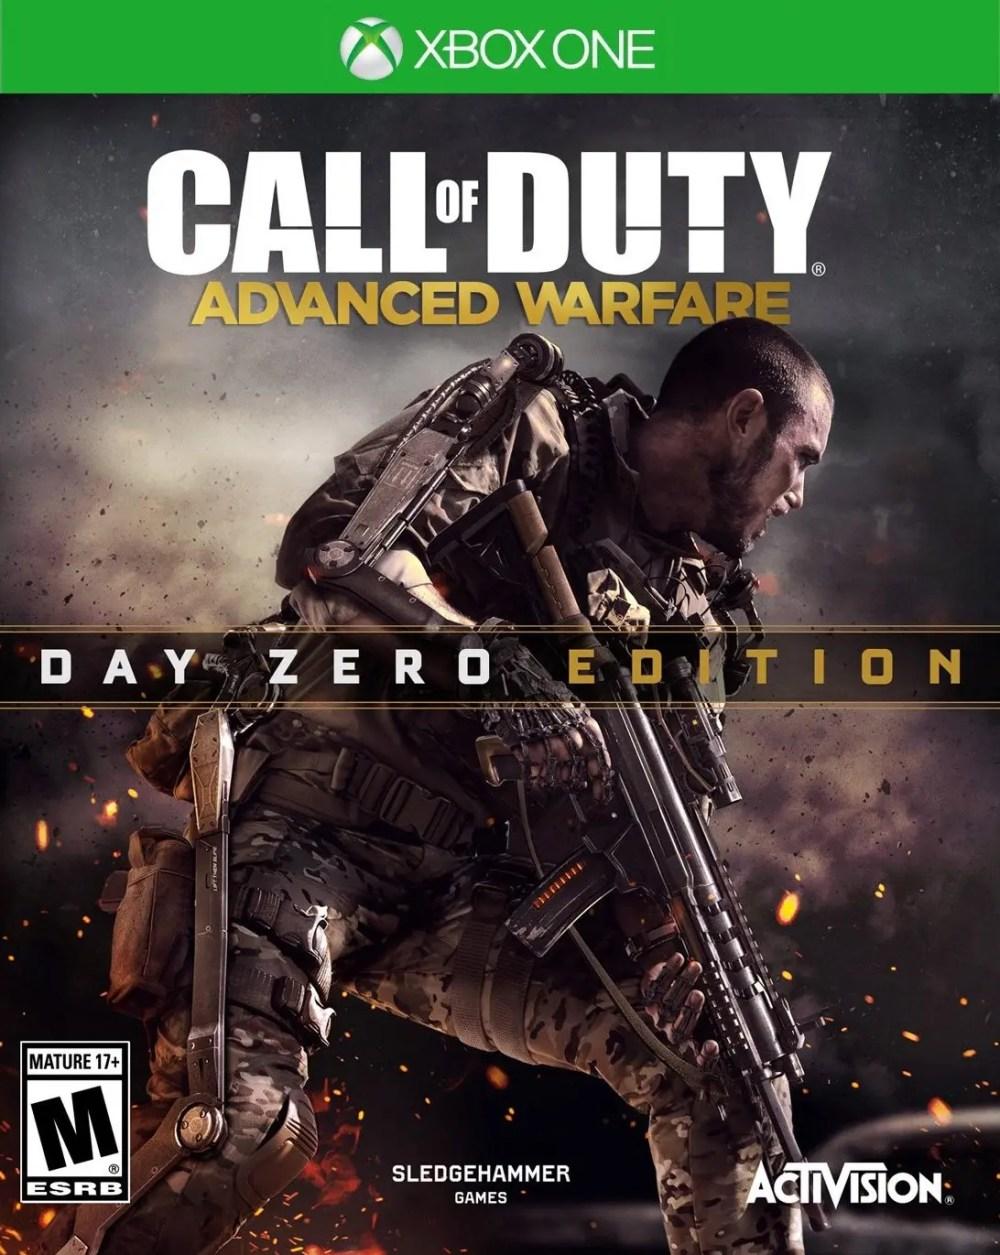 Call of Duty: Advanced Warfare (Day Zero Edition) for Xbox One